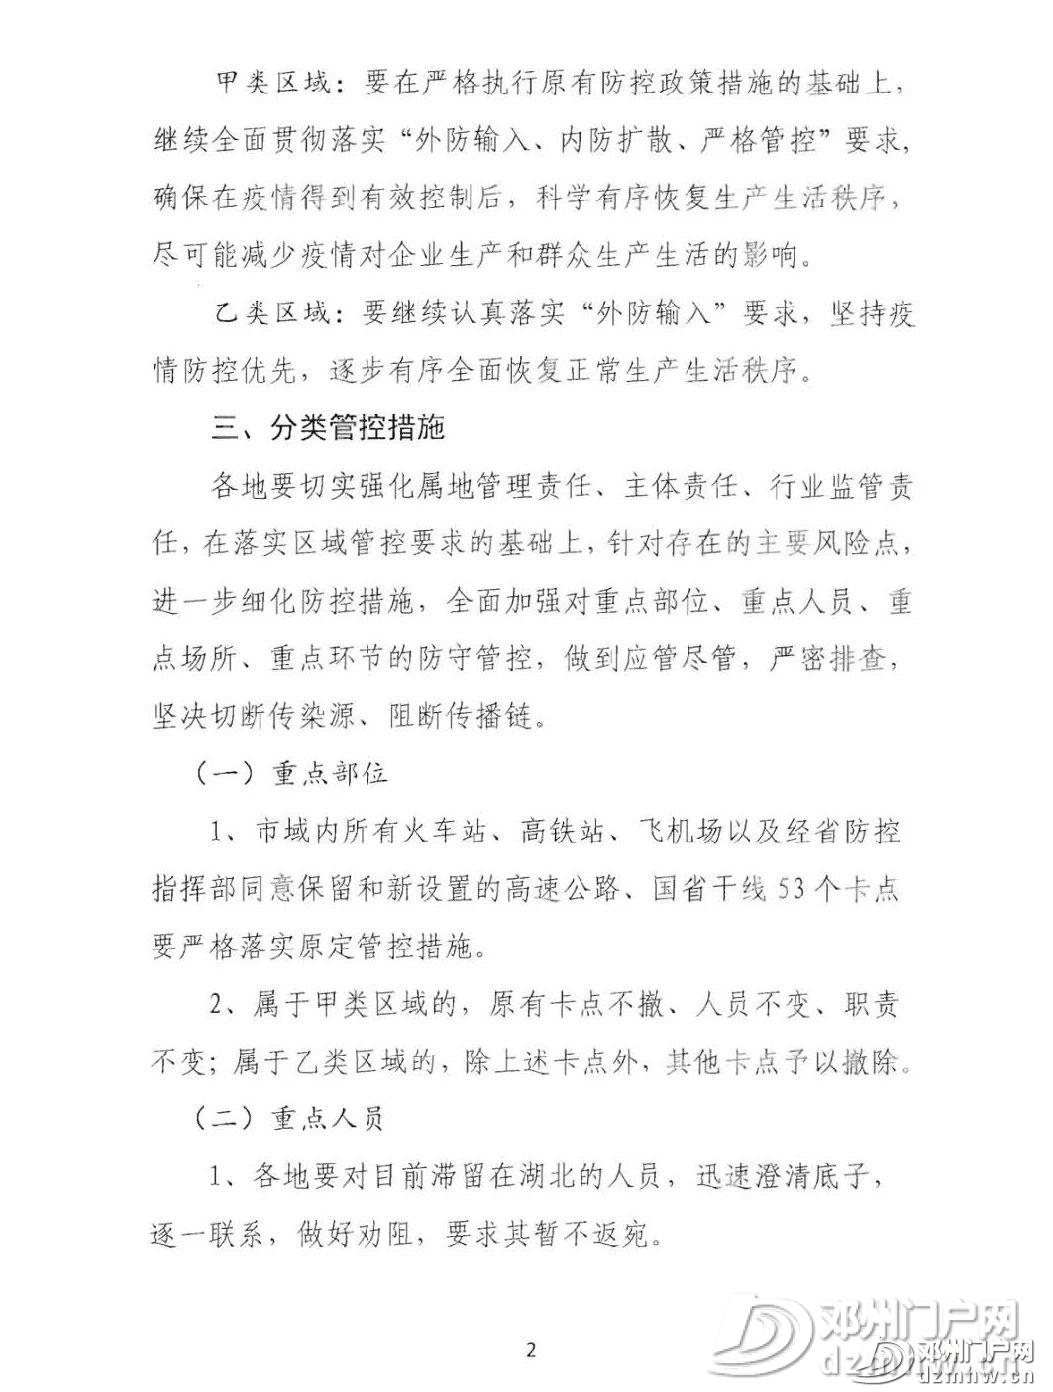 速转!关于邓州卡口撤销官方文件已出! - 邓州门户网 邓州网 - 71f88efbaaf4e2ca6756bfff72c25d50.jpg